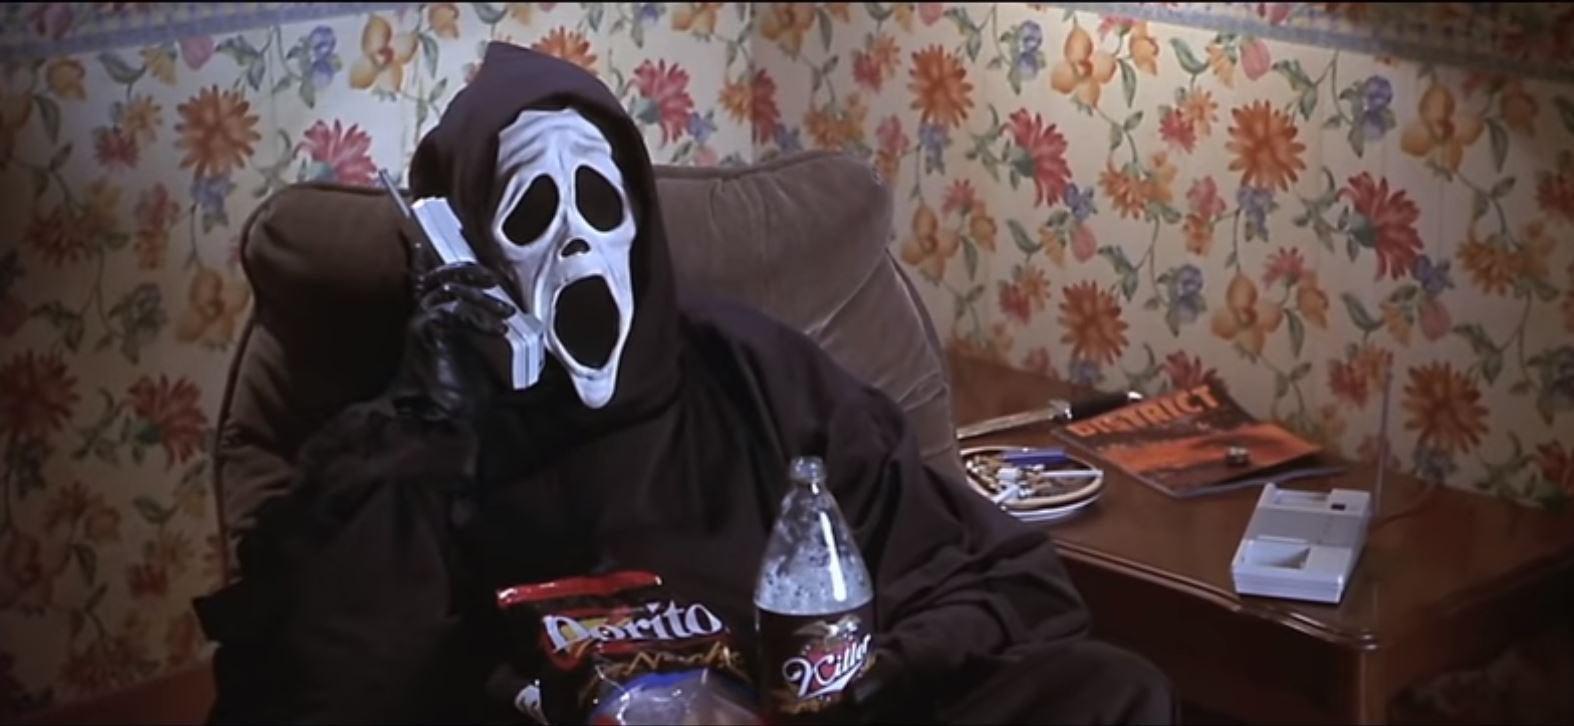 20 años de Scary Movie: ¿Quién era el asesino detrás de la máscara?